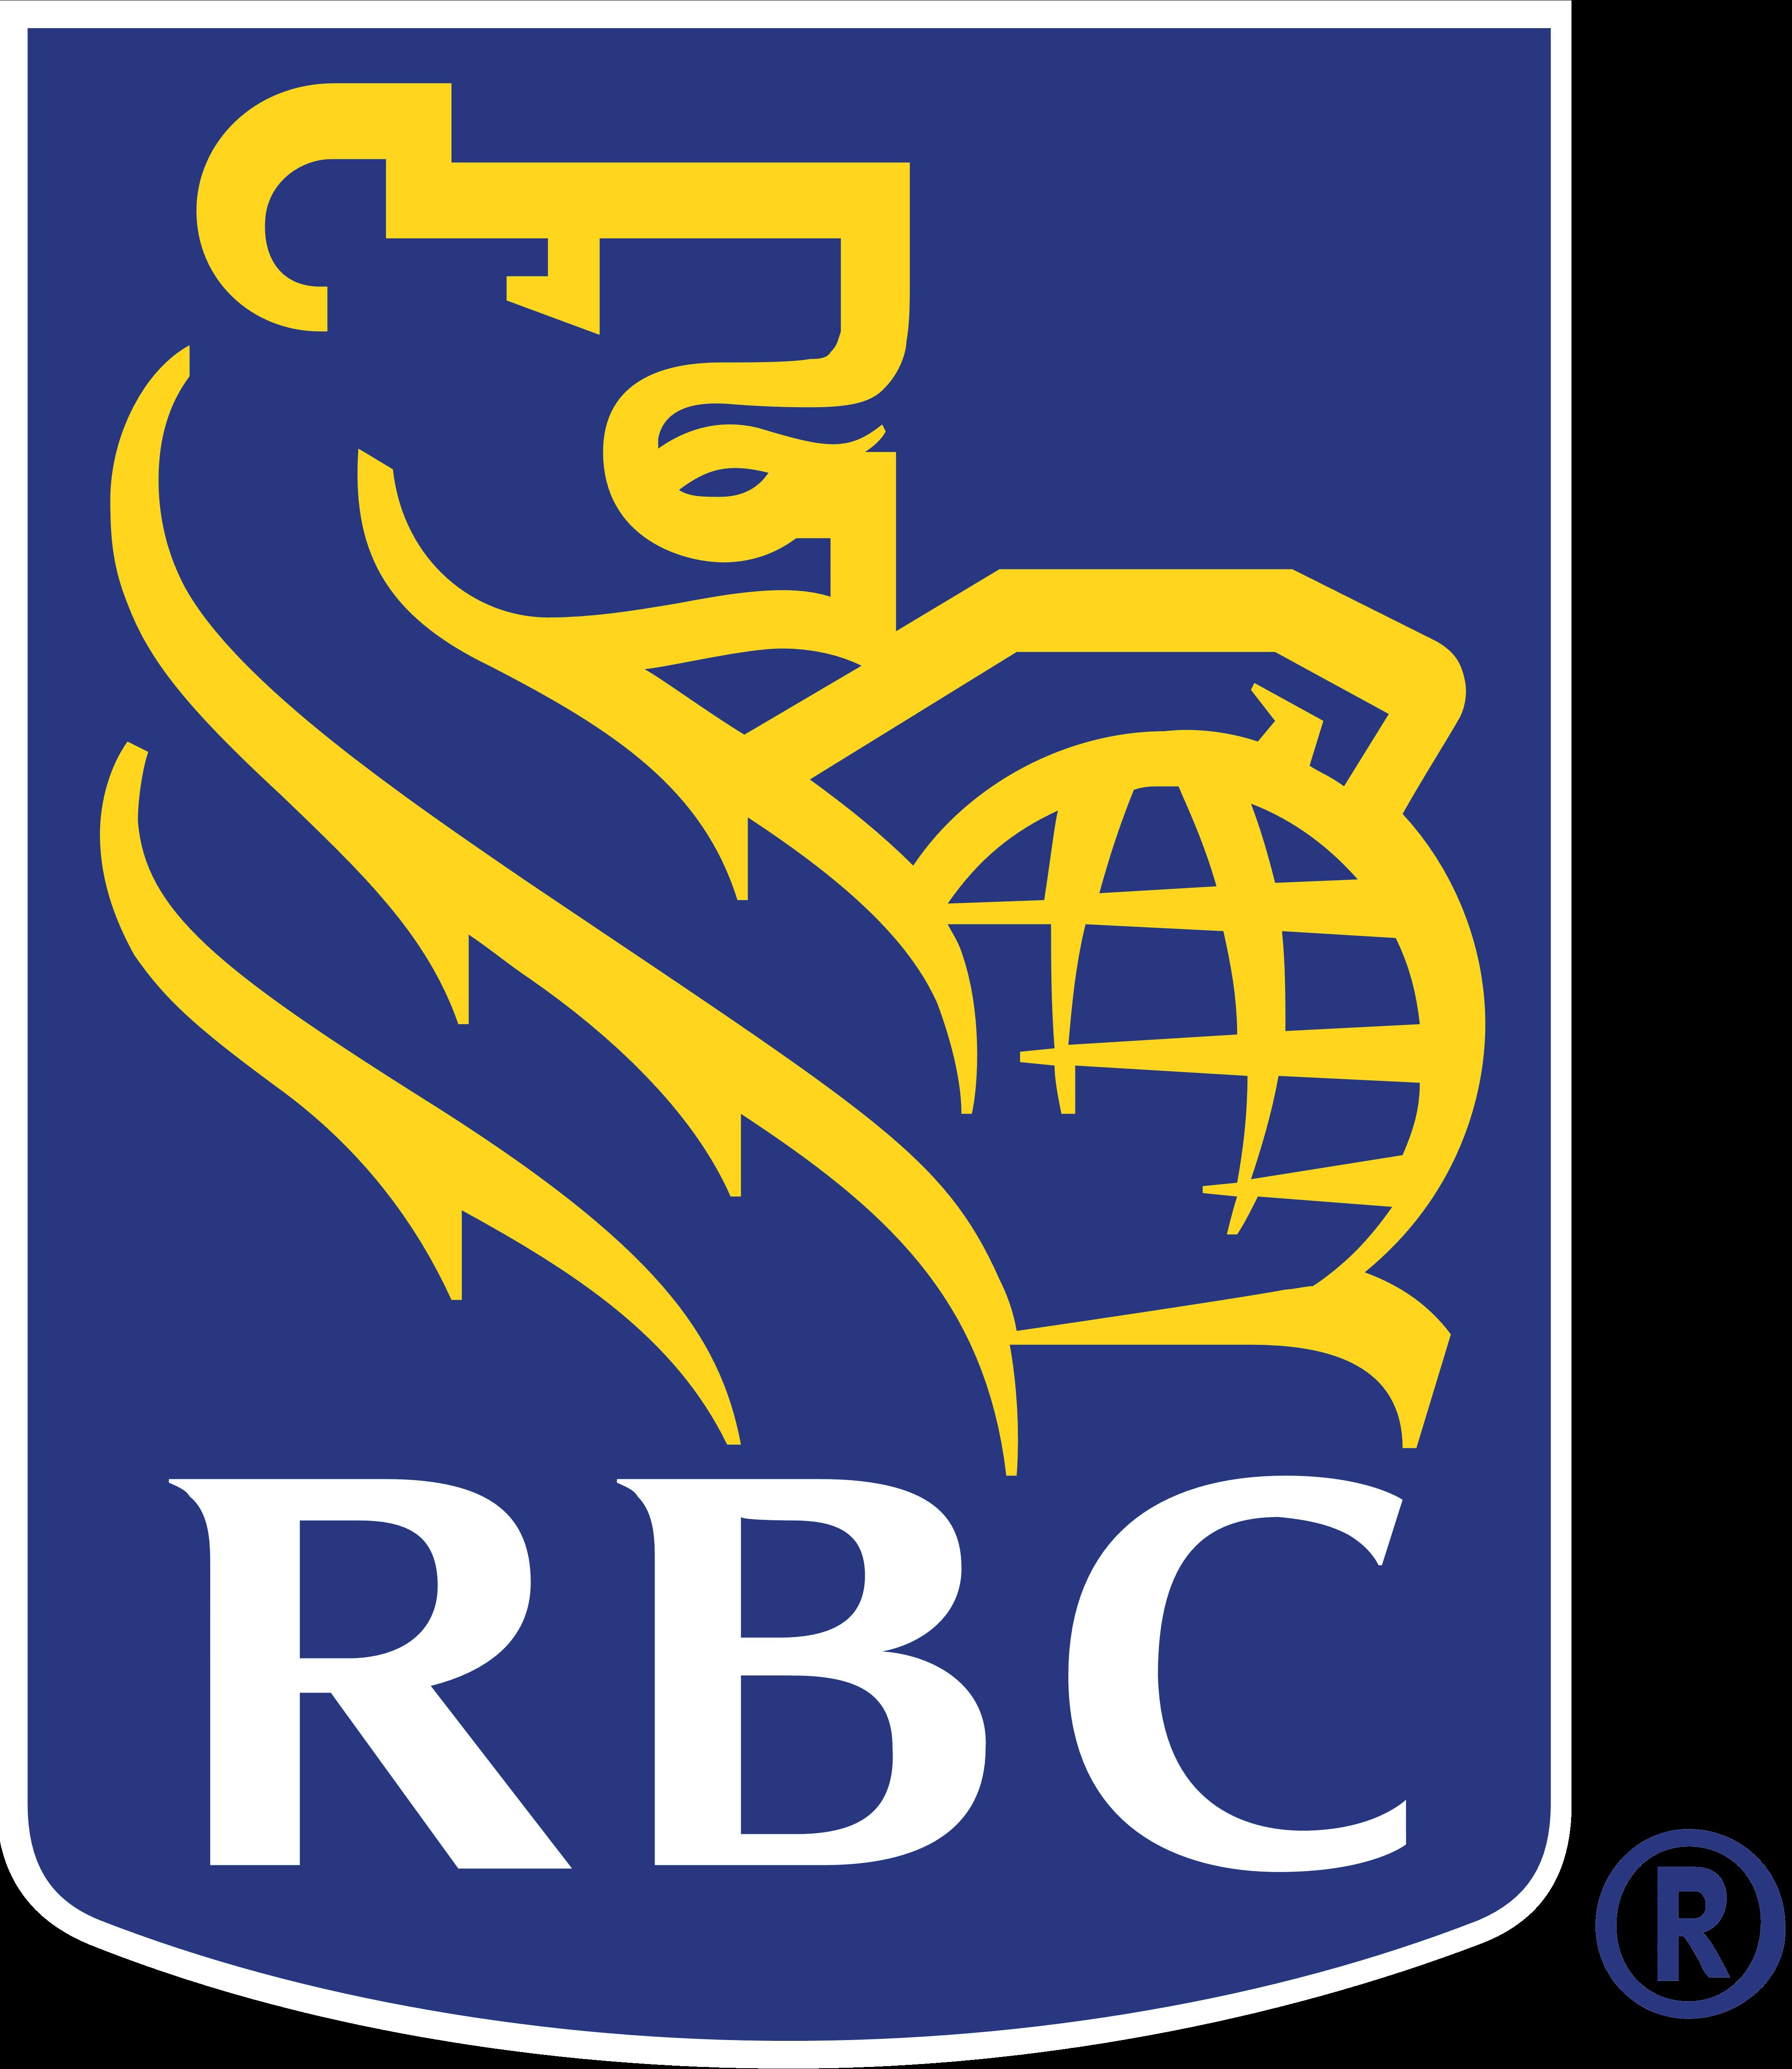 logo of Royal Bank of Canada